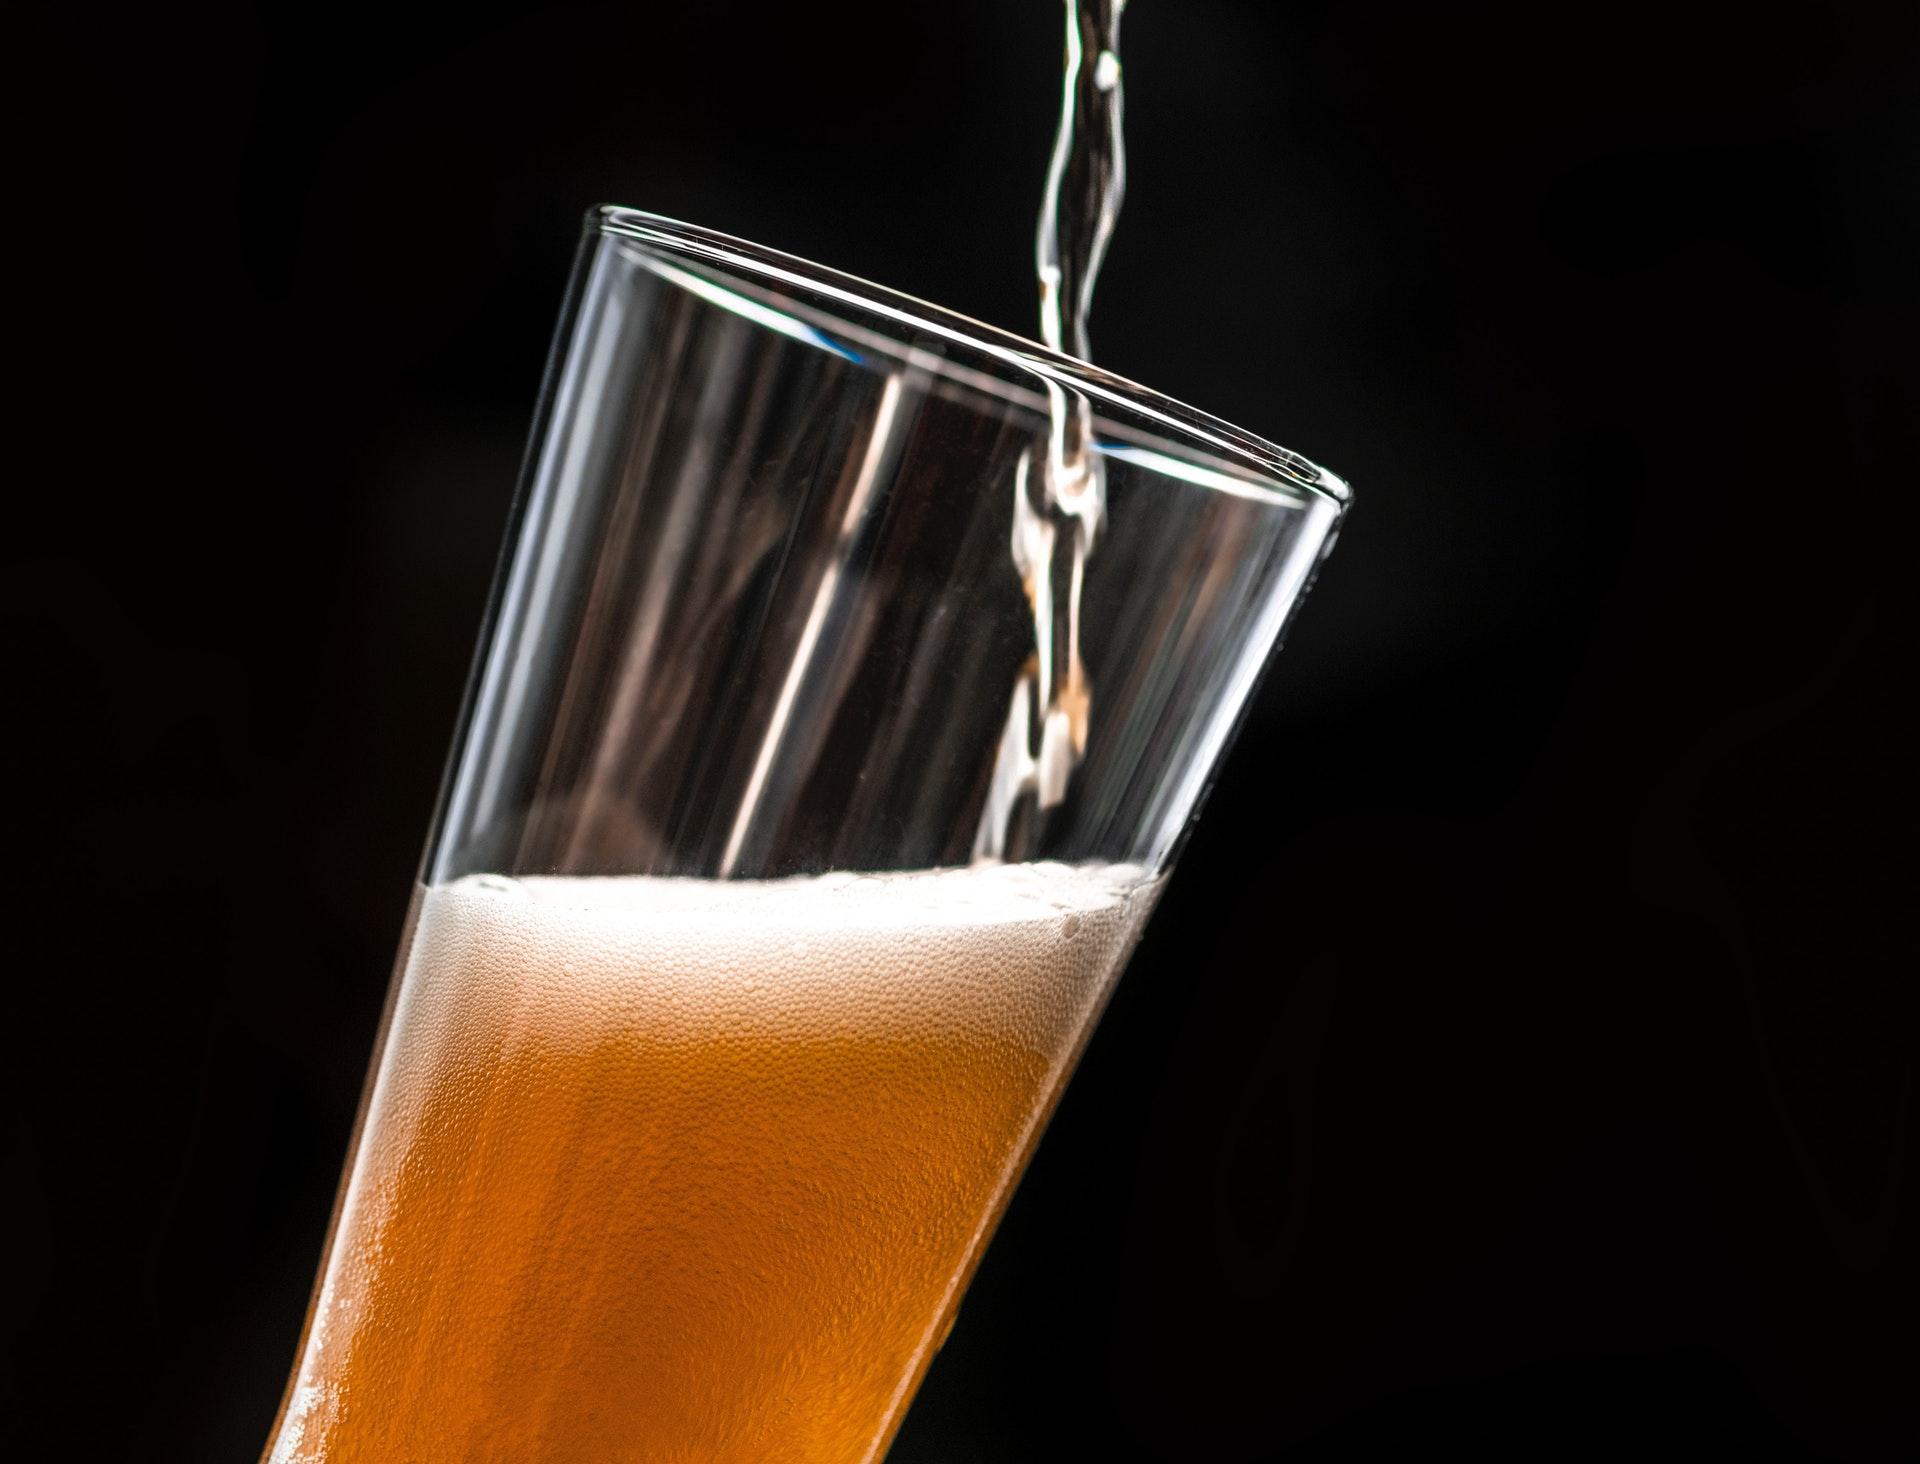 2 beer